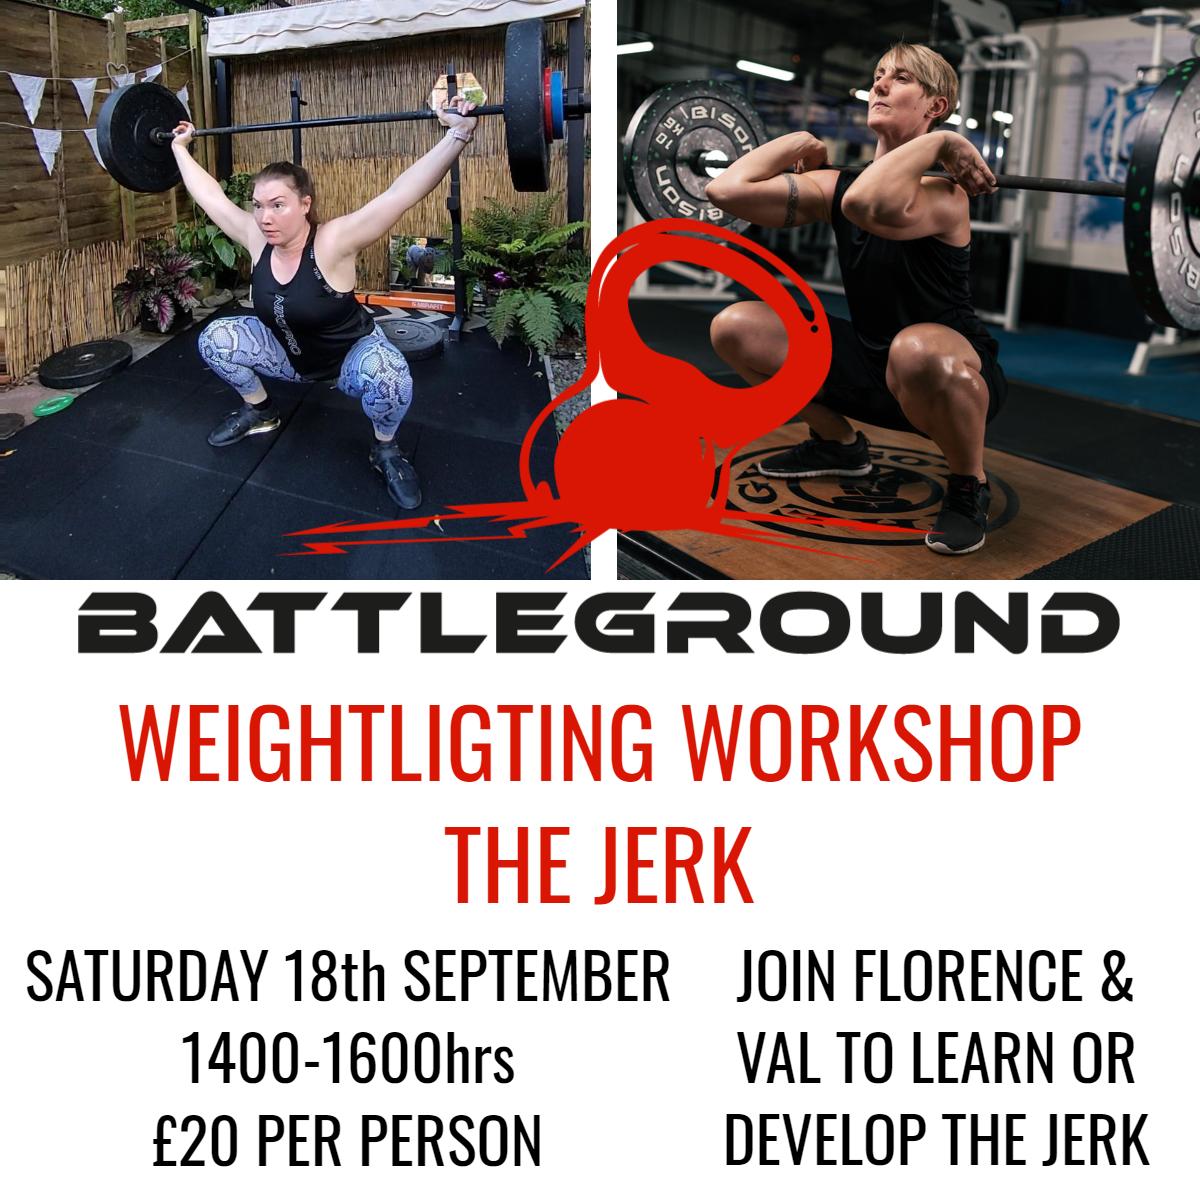 The Jerk - Weightlifting Workshop